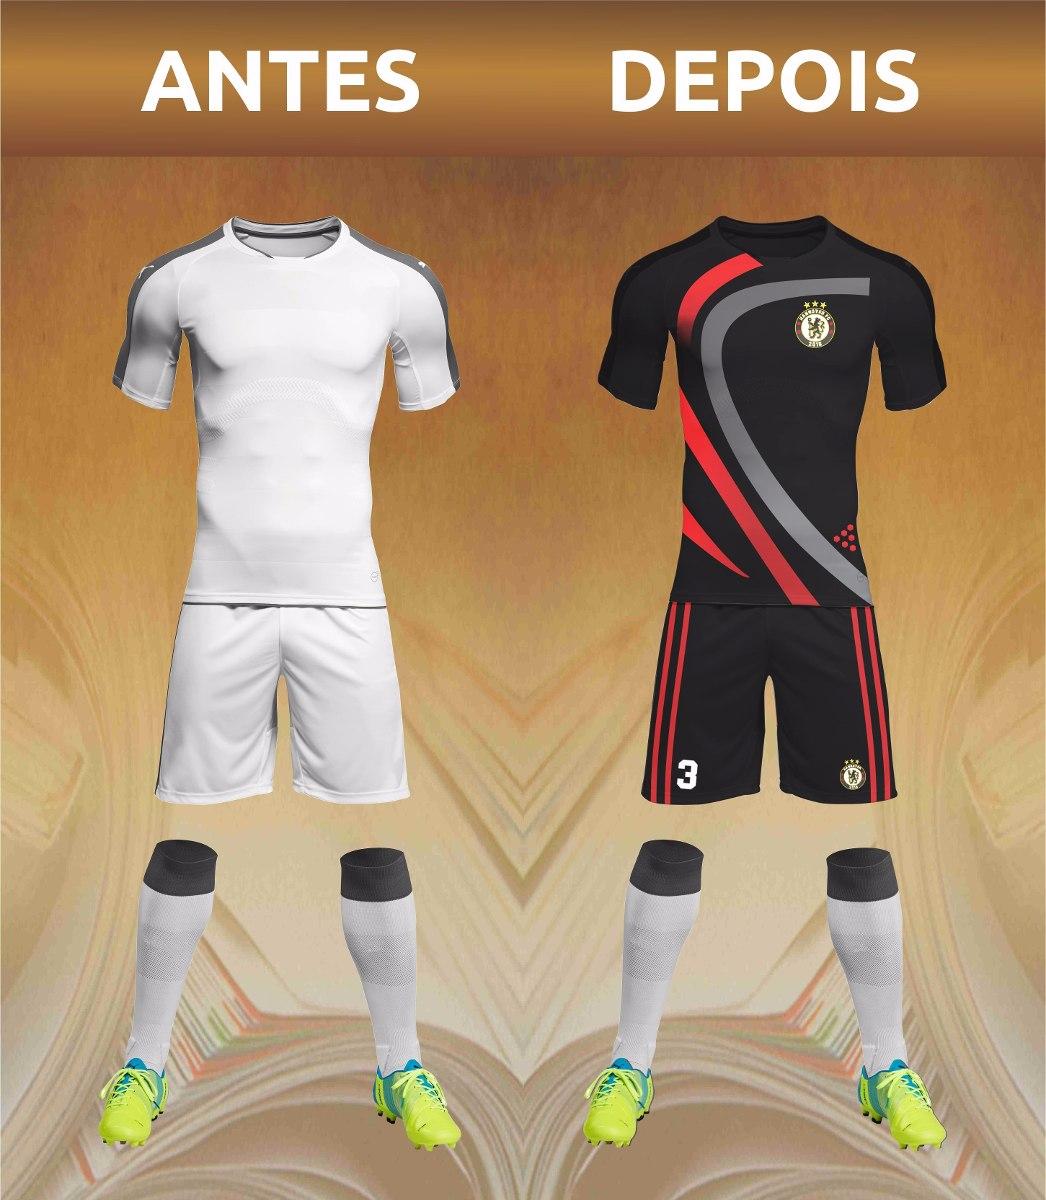 061a232955b86 uniforme futebol personalizado fardamento esportivo. Carregando zoom.